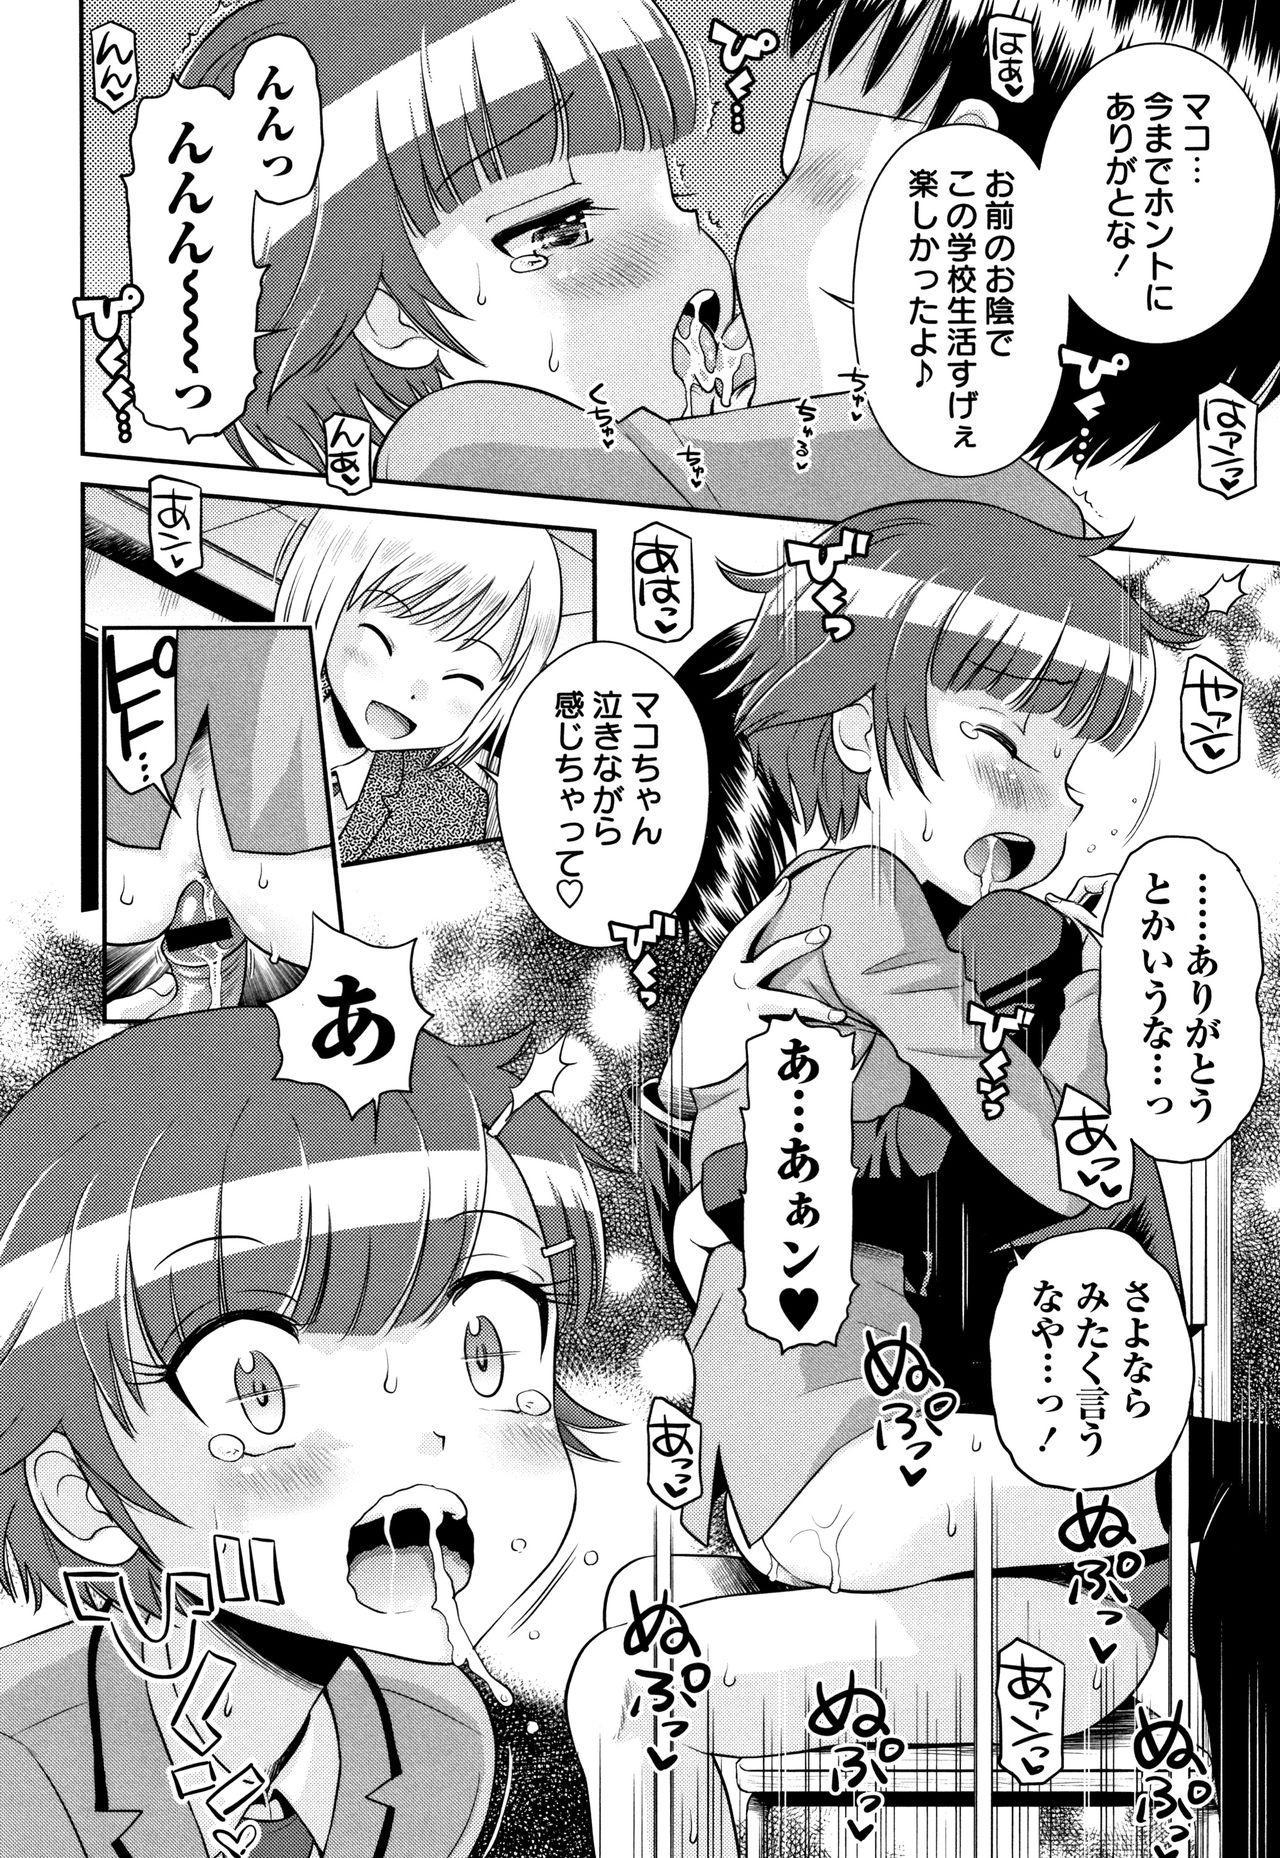 Mako to Himitsu no Houkago 184